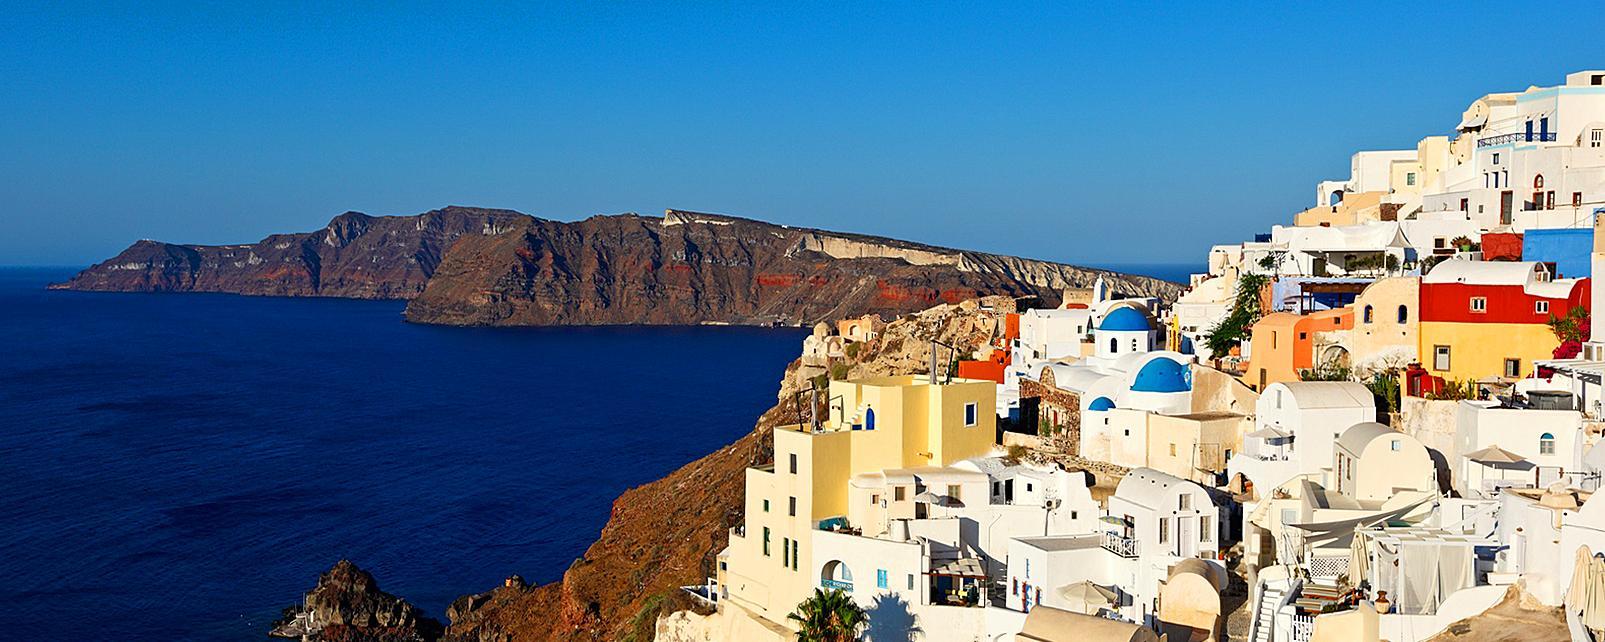 Grecia- Informazioni pratiche - Visti, sicurezza, vaccini, moneta...